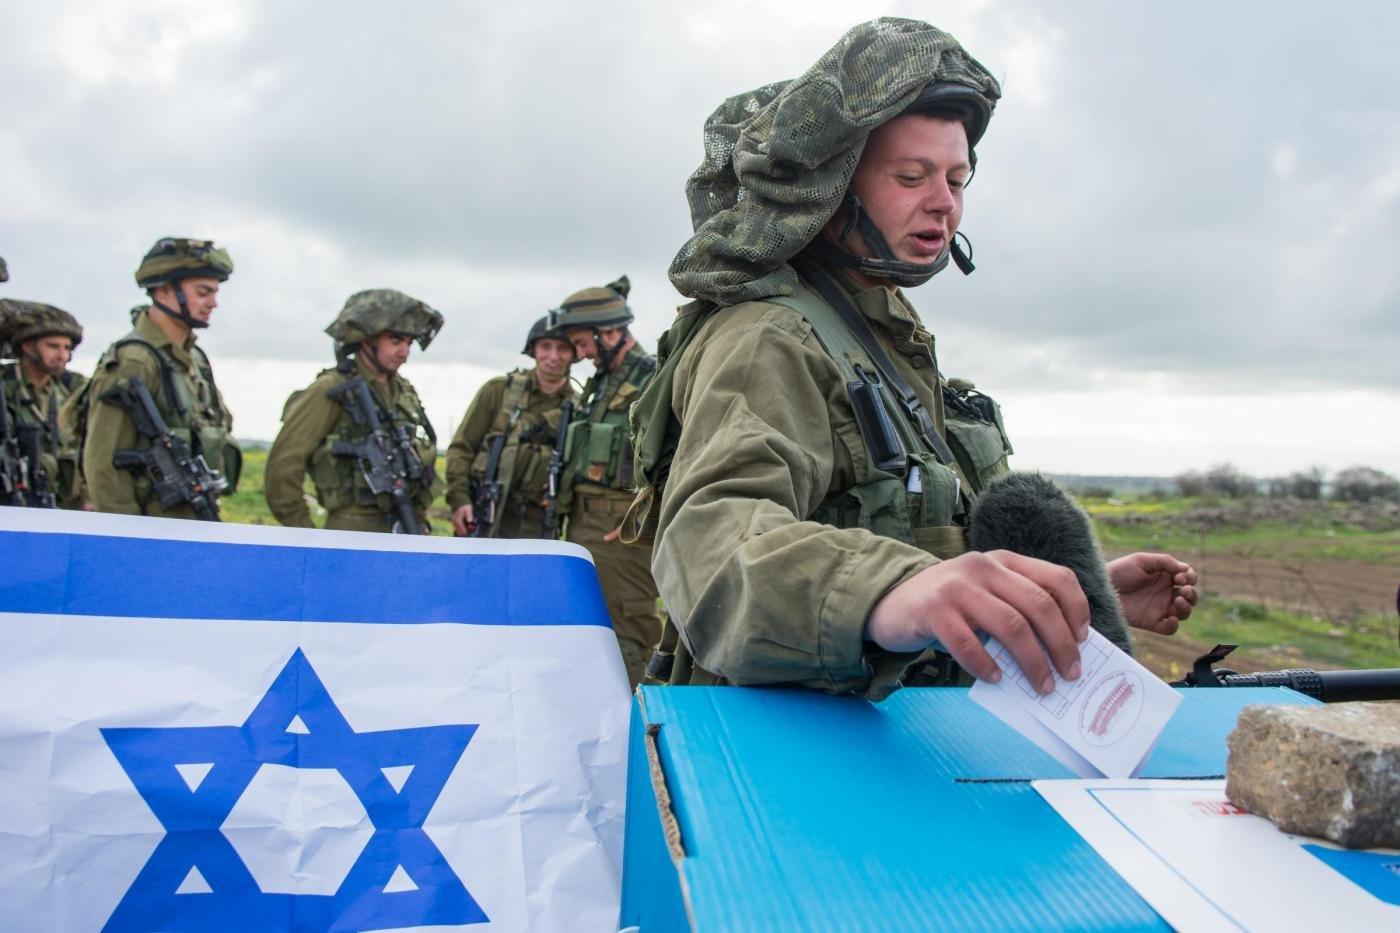 Israele, sei milioni di persone al voto per formare il nuovo Parlamento e per scegliere un nuovo Primo Ministro. Testa a testa Netanyahu-Herzog